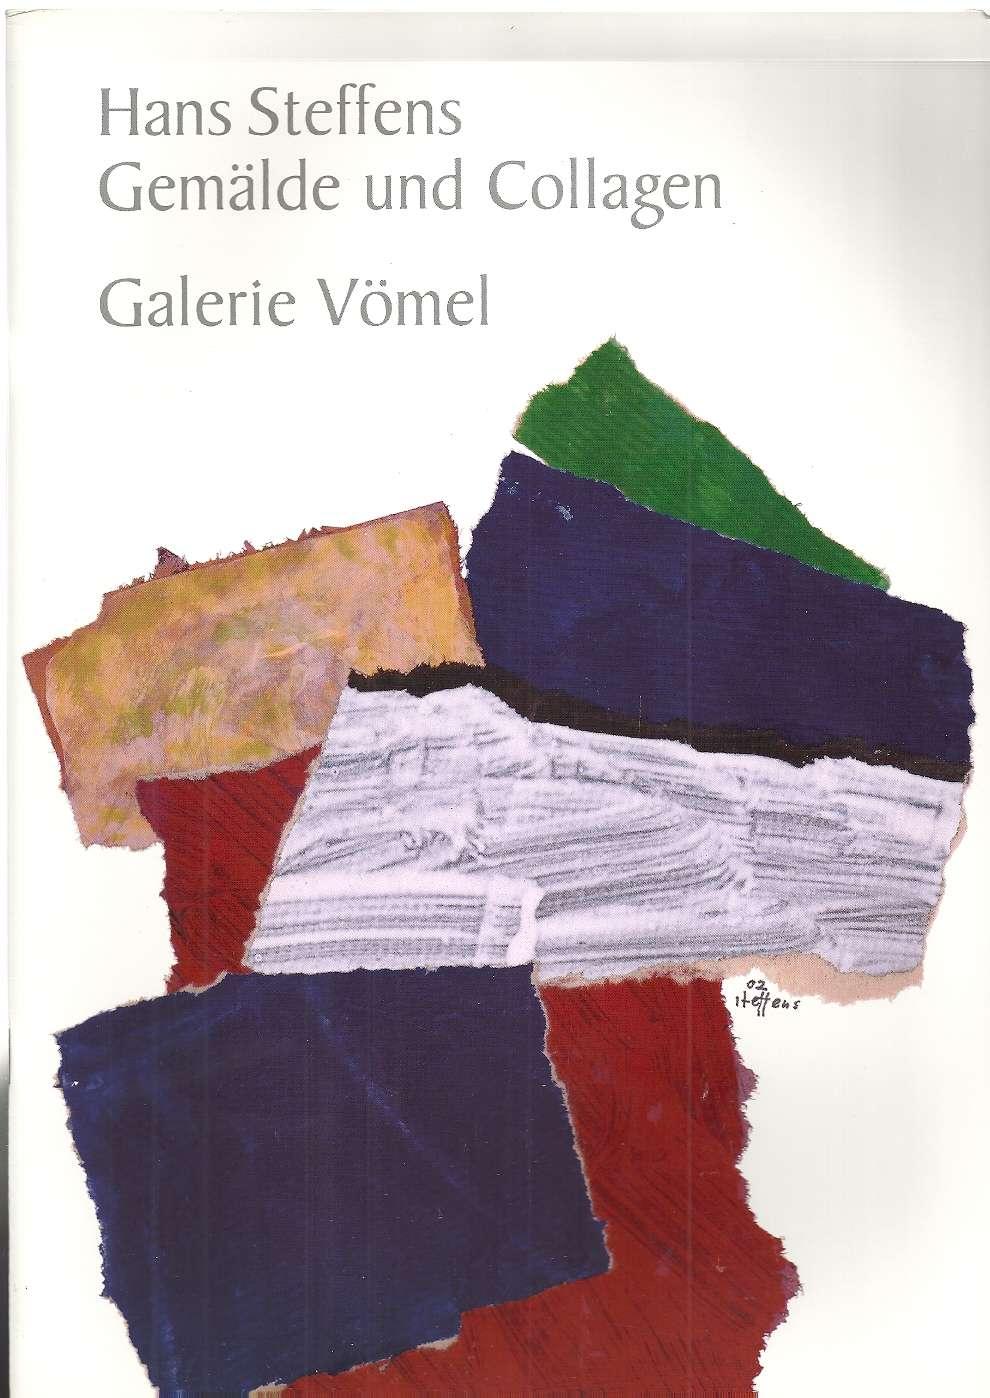 Hans Steffens 1911-2004 Gemalde und Collagen, Hans-Hermann Steffens  Galerie Vomel